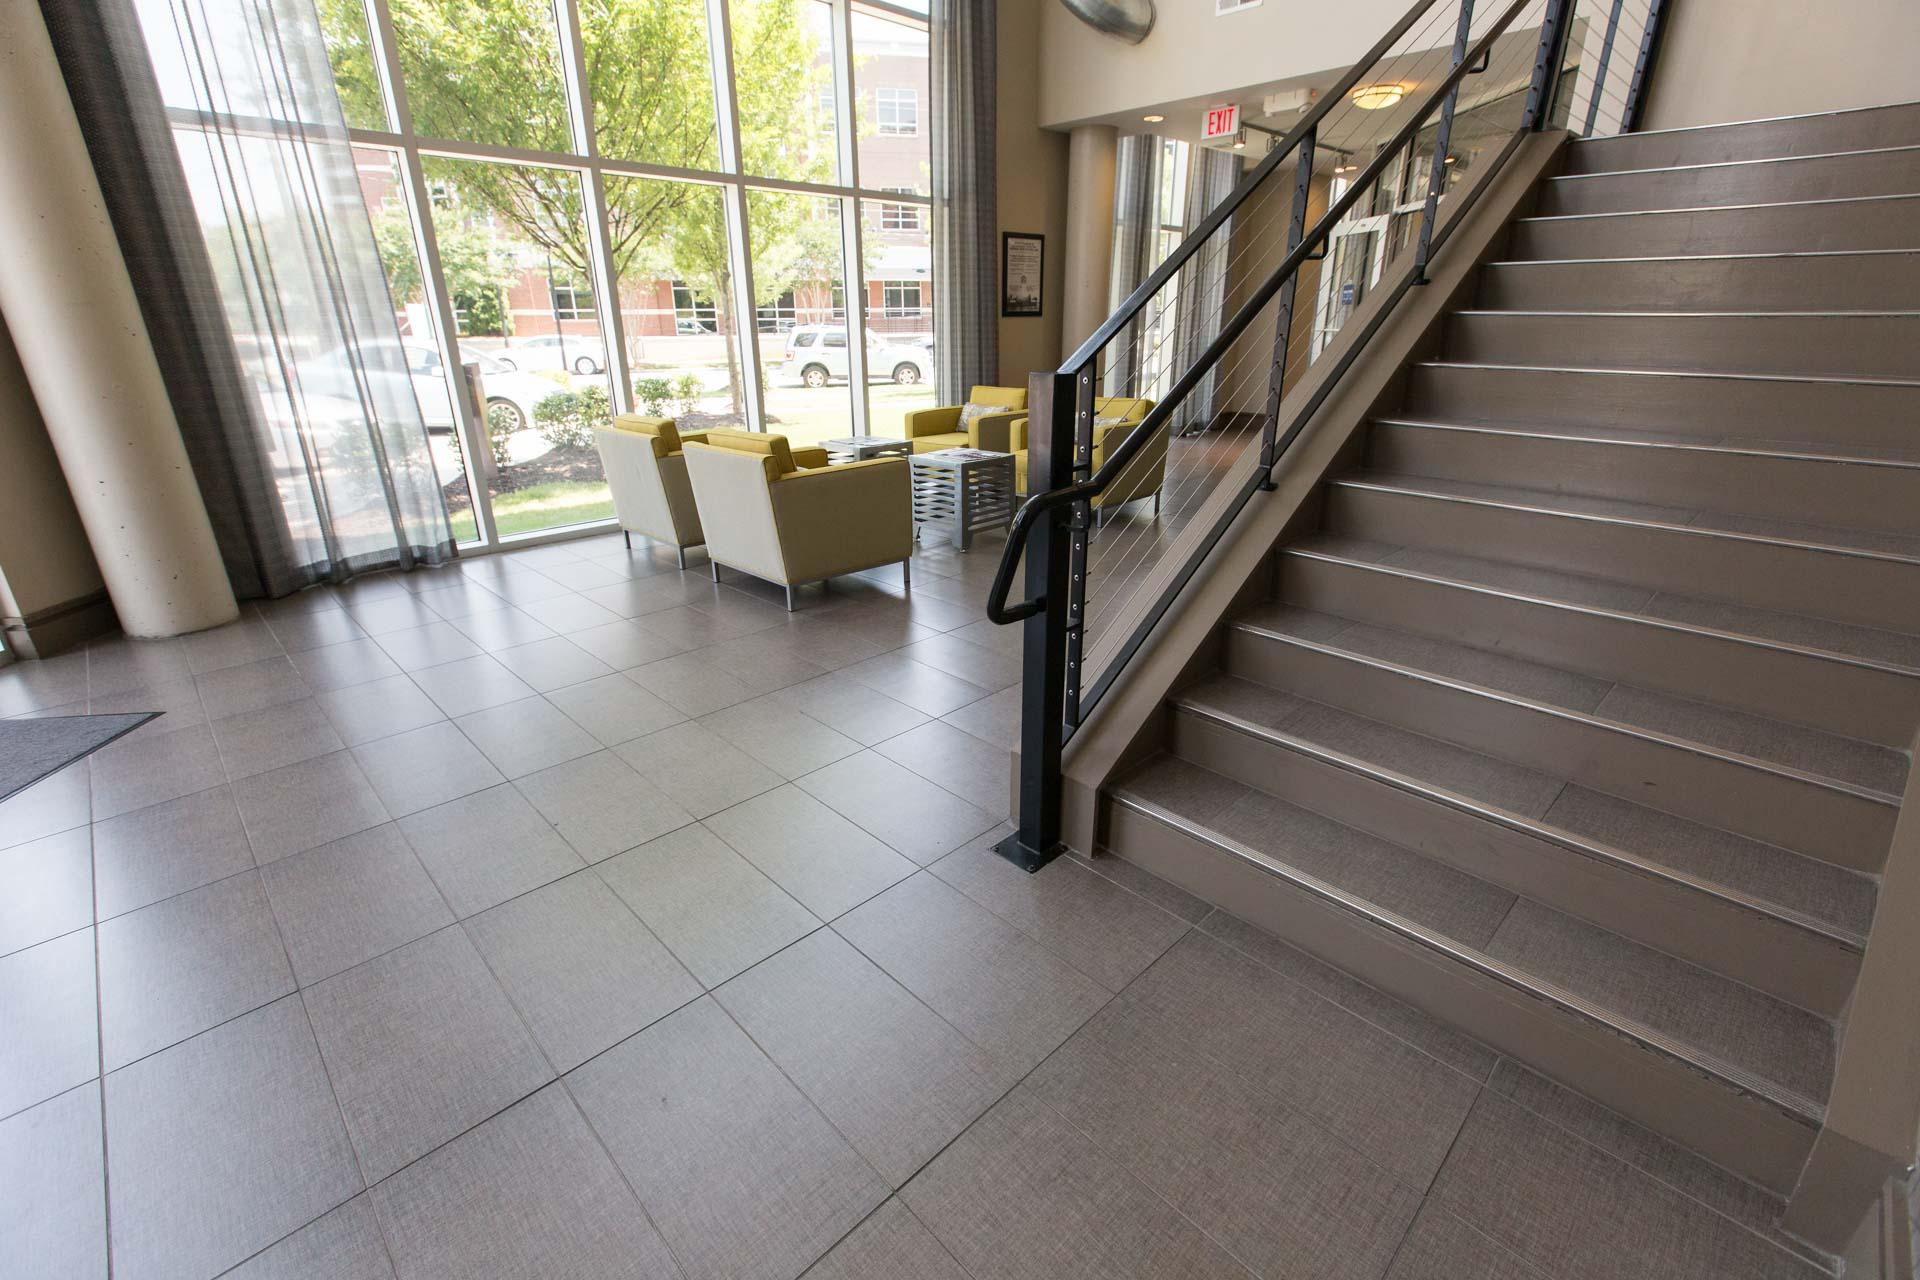 Tile Floor Entryway